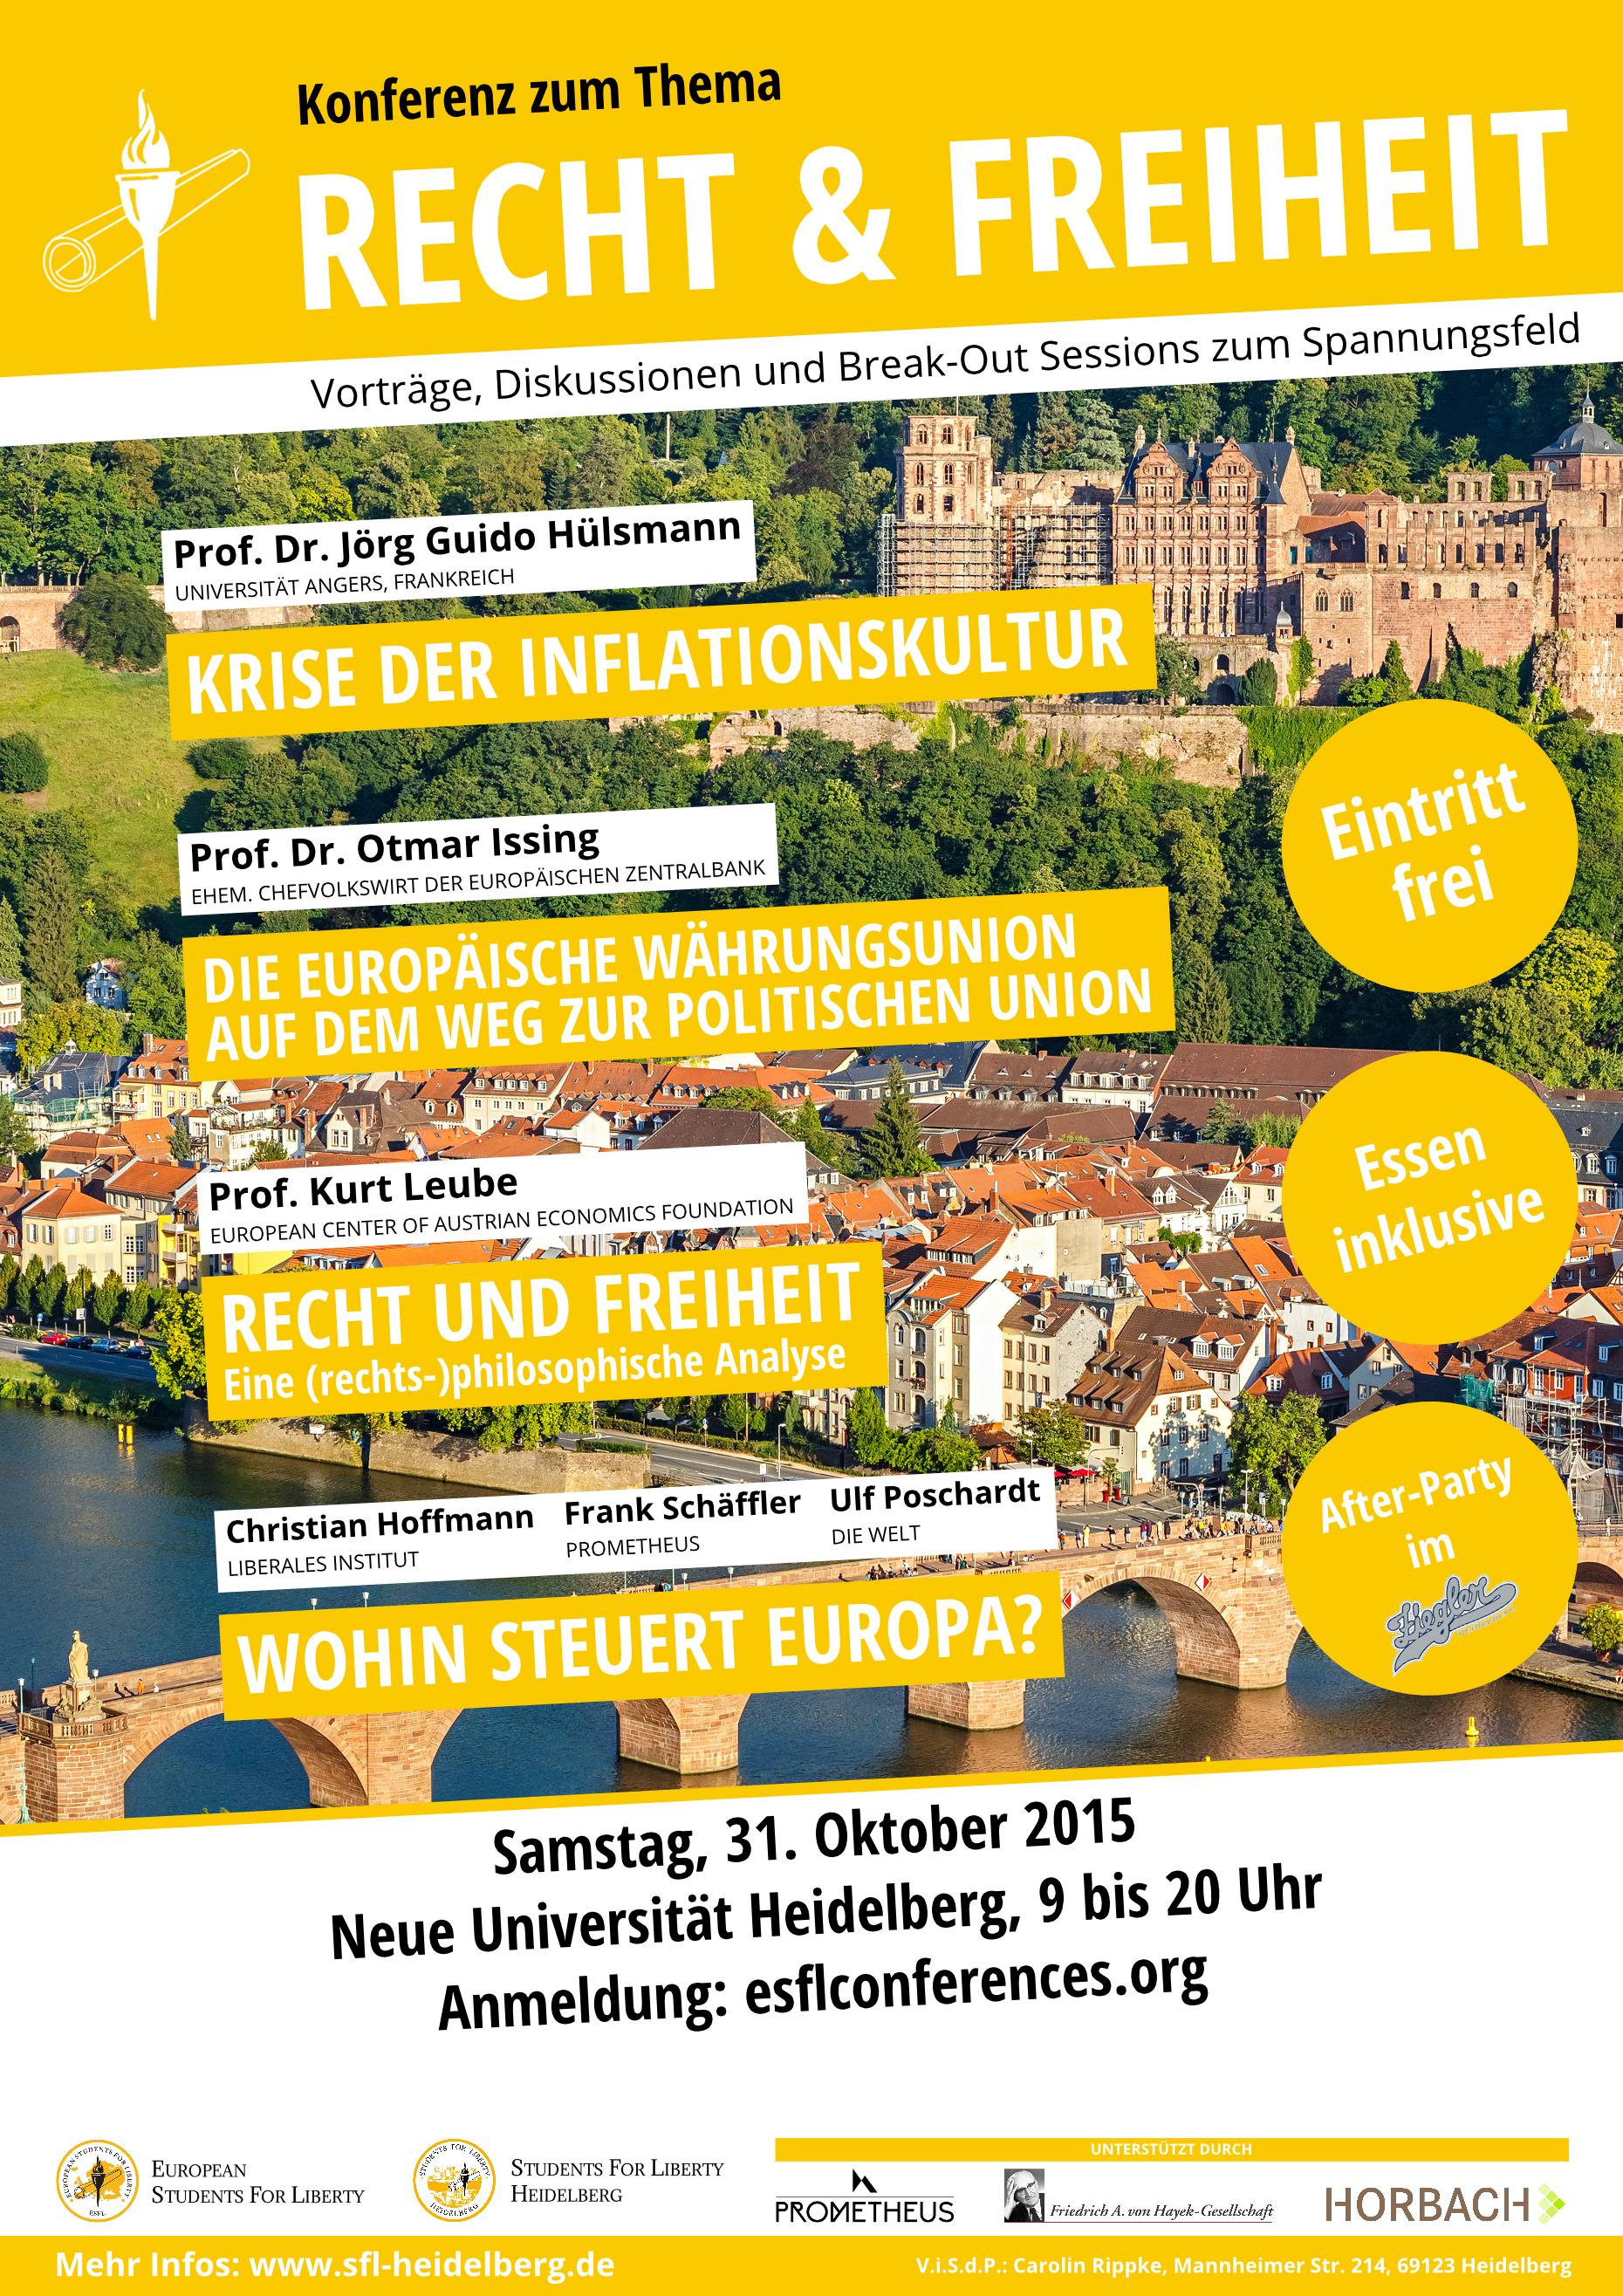 Zur Symbiose von Recht und Freiheit – Heidelberg, 31.10.2015